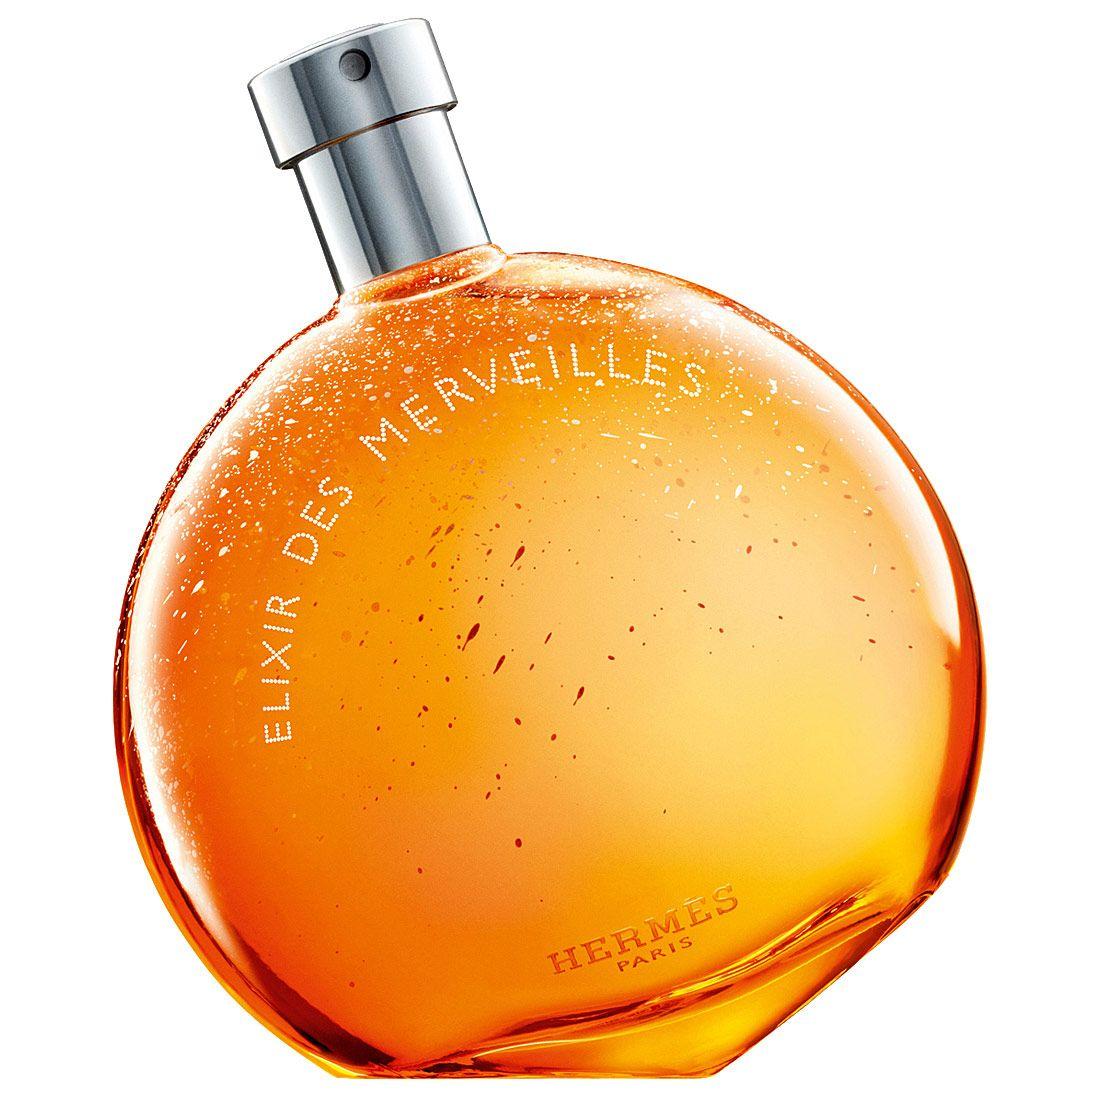 Eau De HermèsSephora Merveilles Parfum Des Parfum VSMpzU